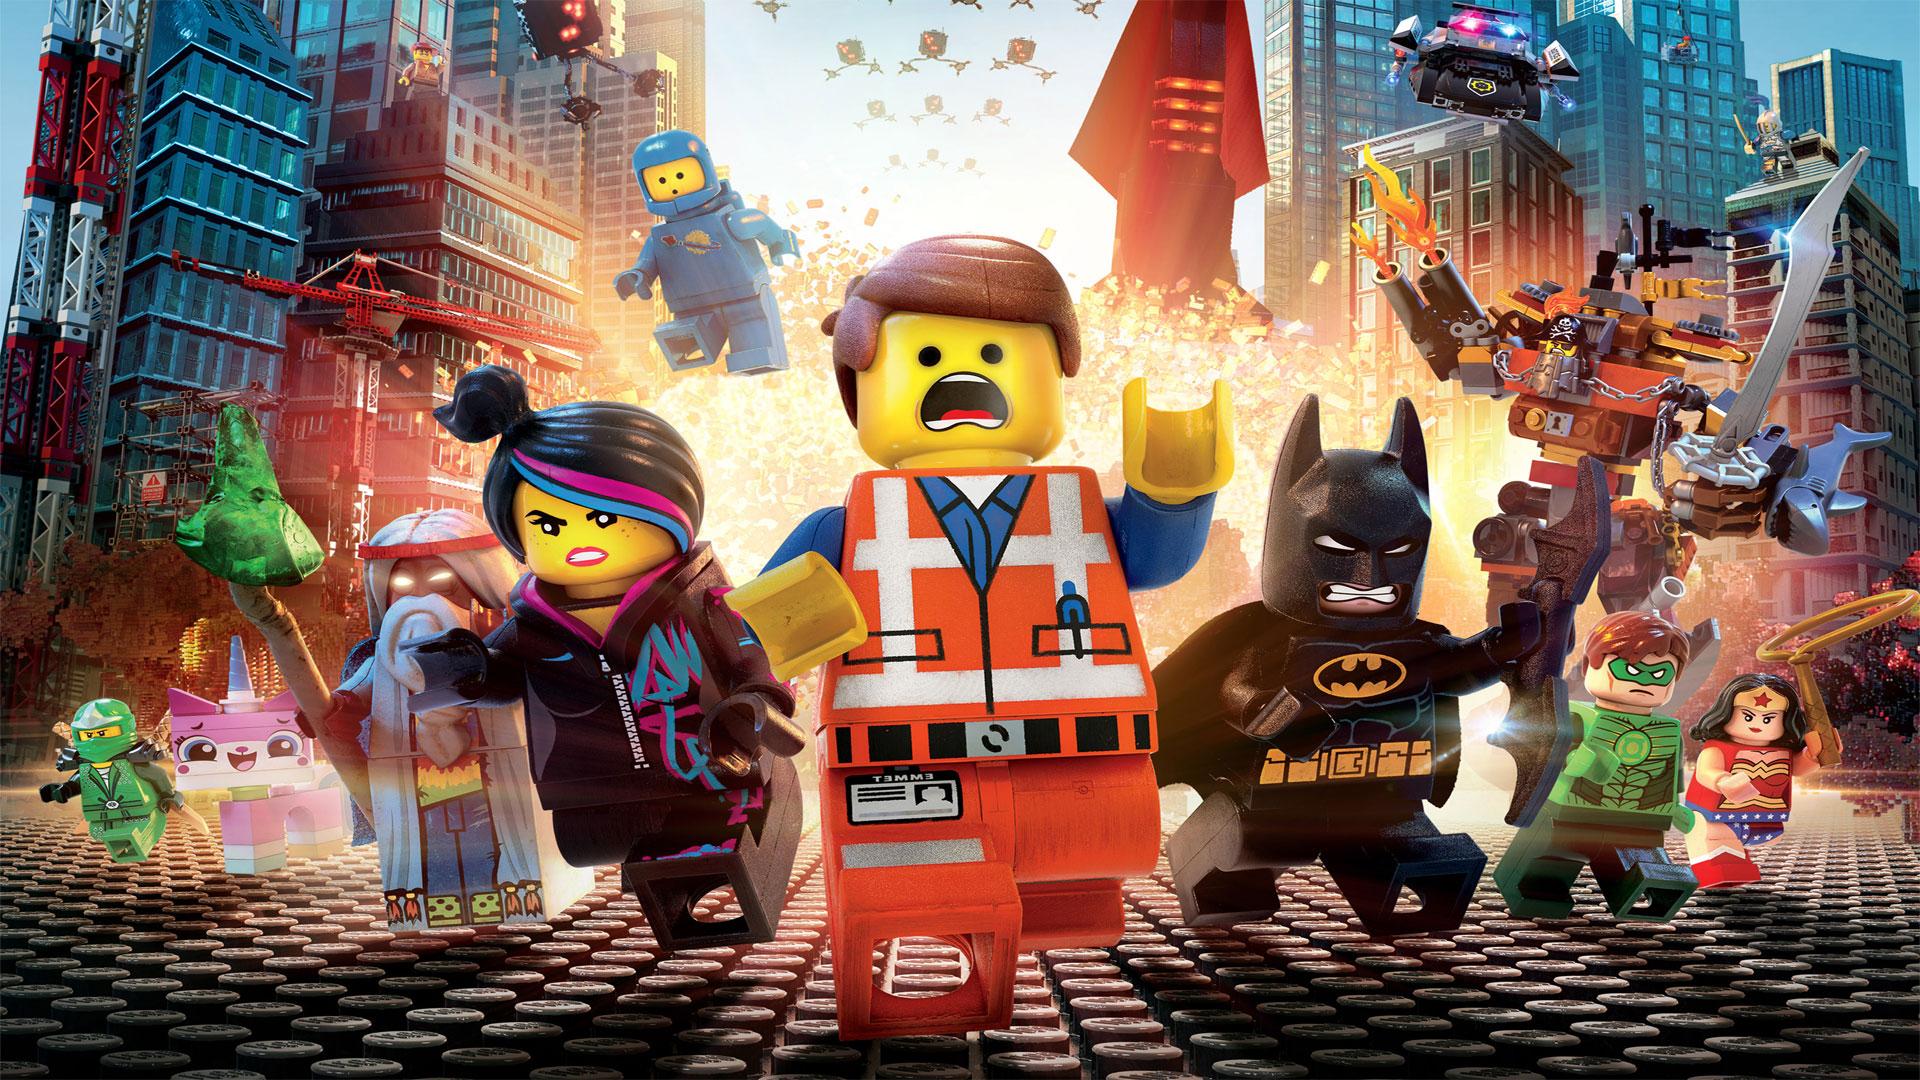 lego_movie-LARGE